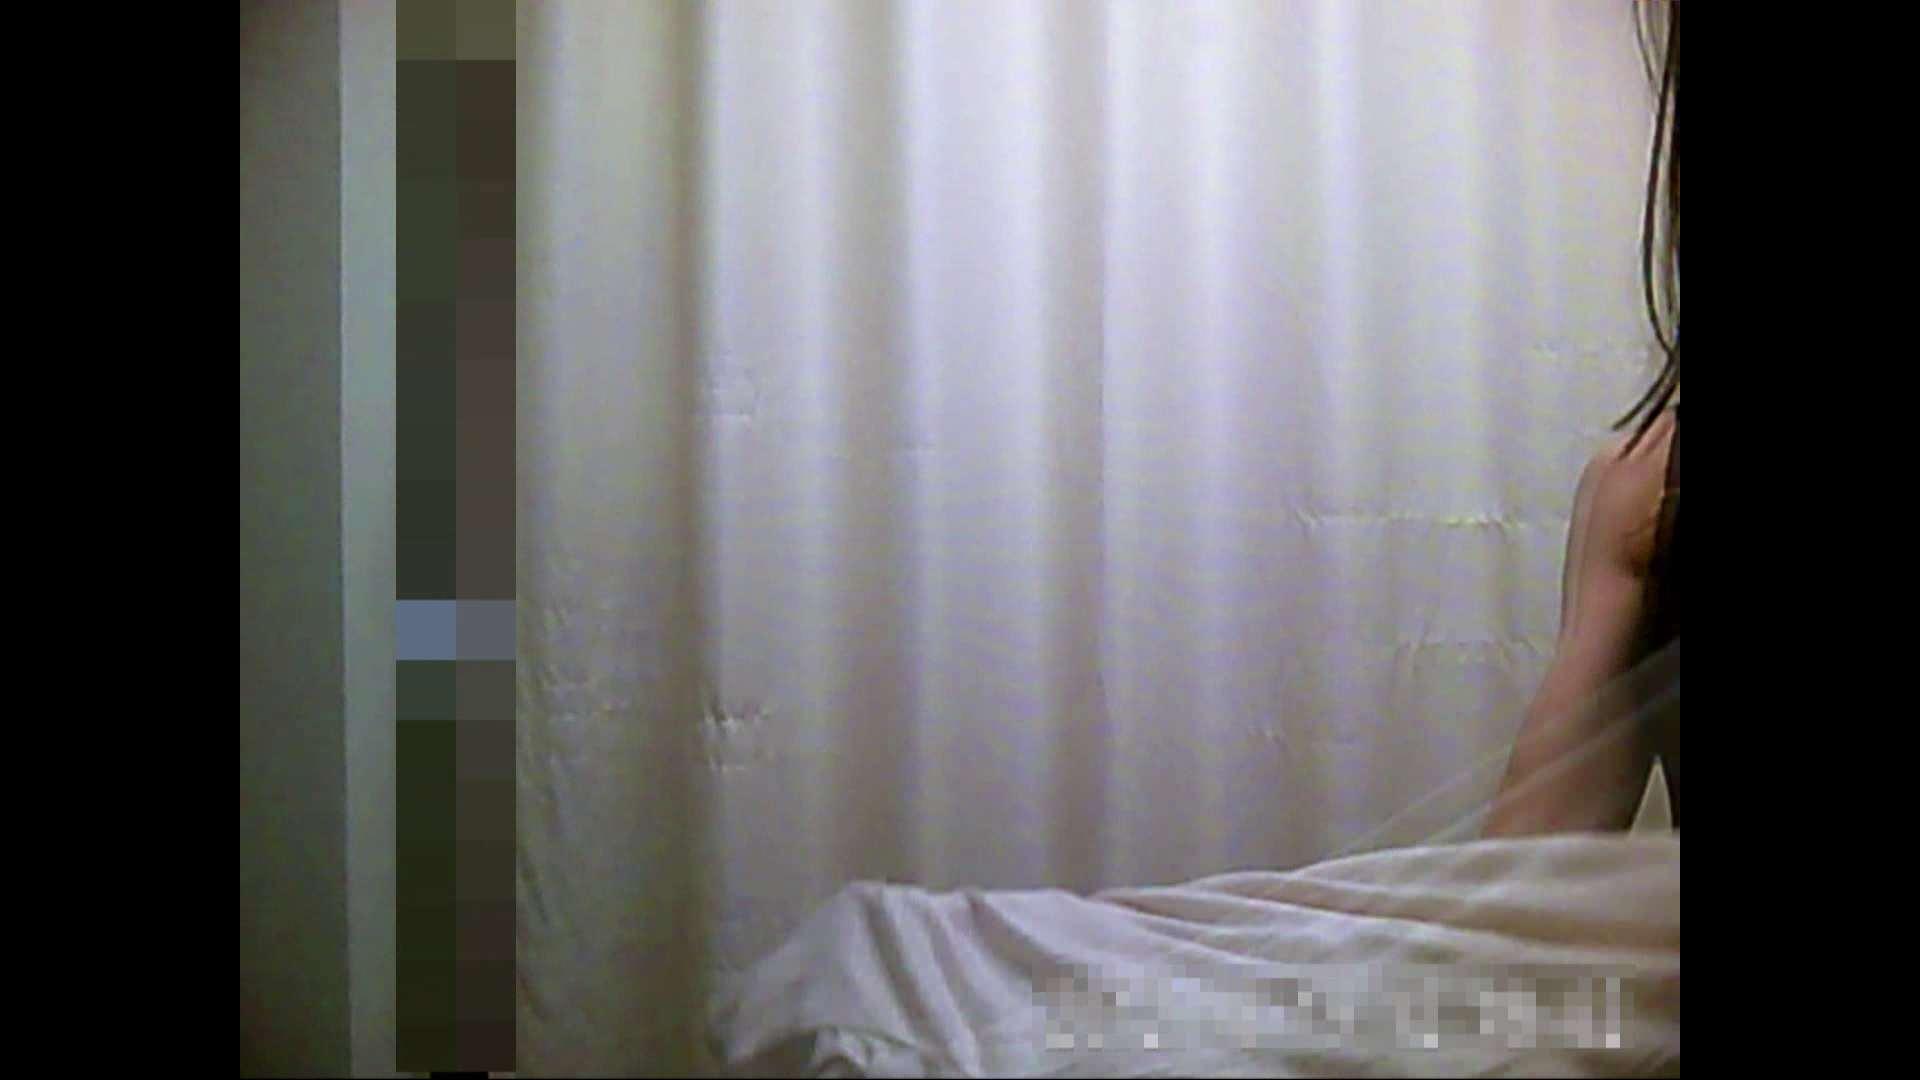 元医者による反抗 更衣室地獄絵巻 vol.071 OL   0  91連発 59